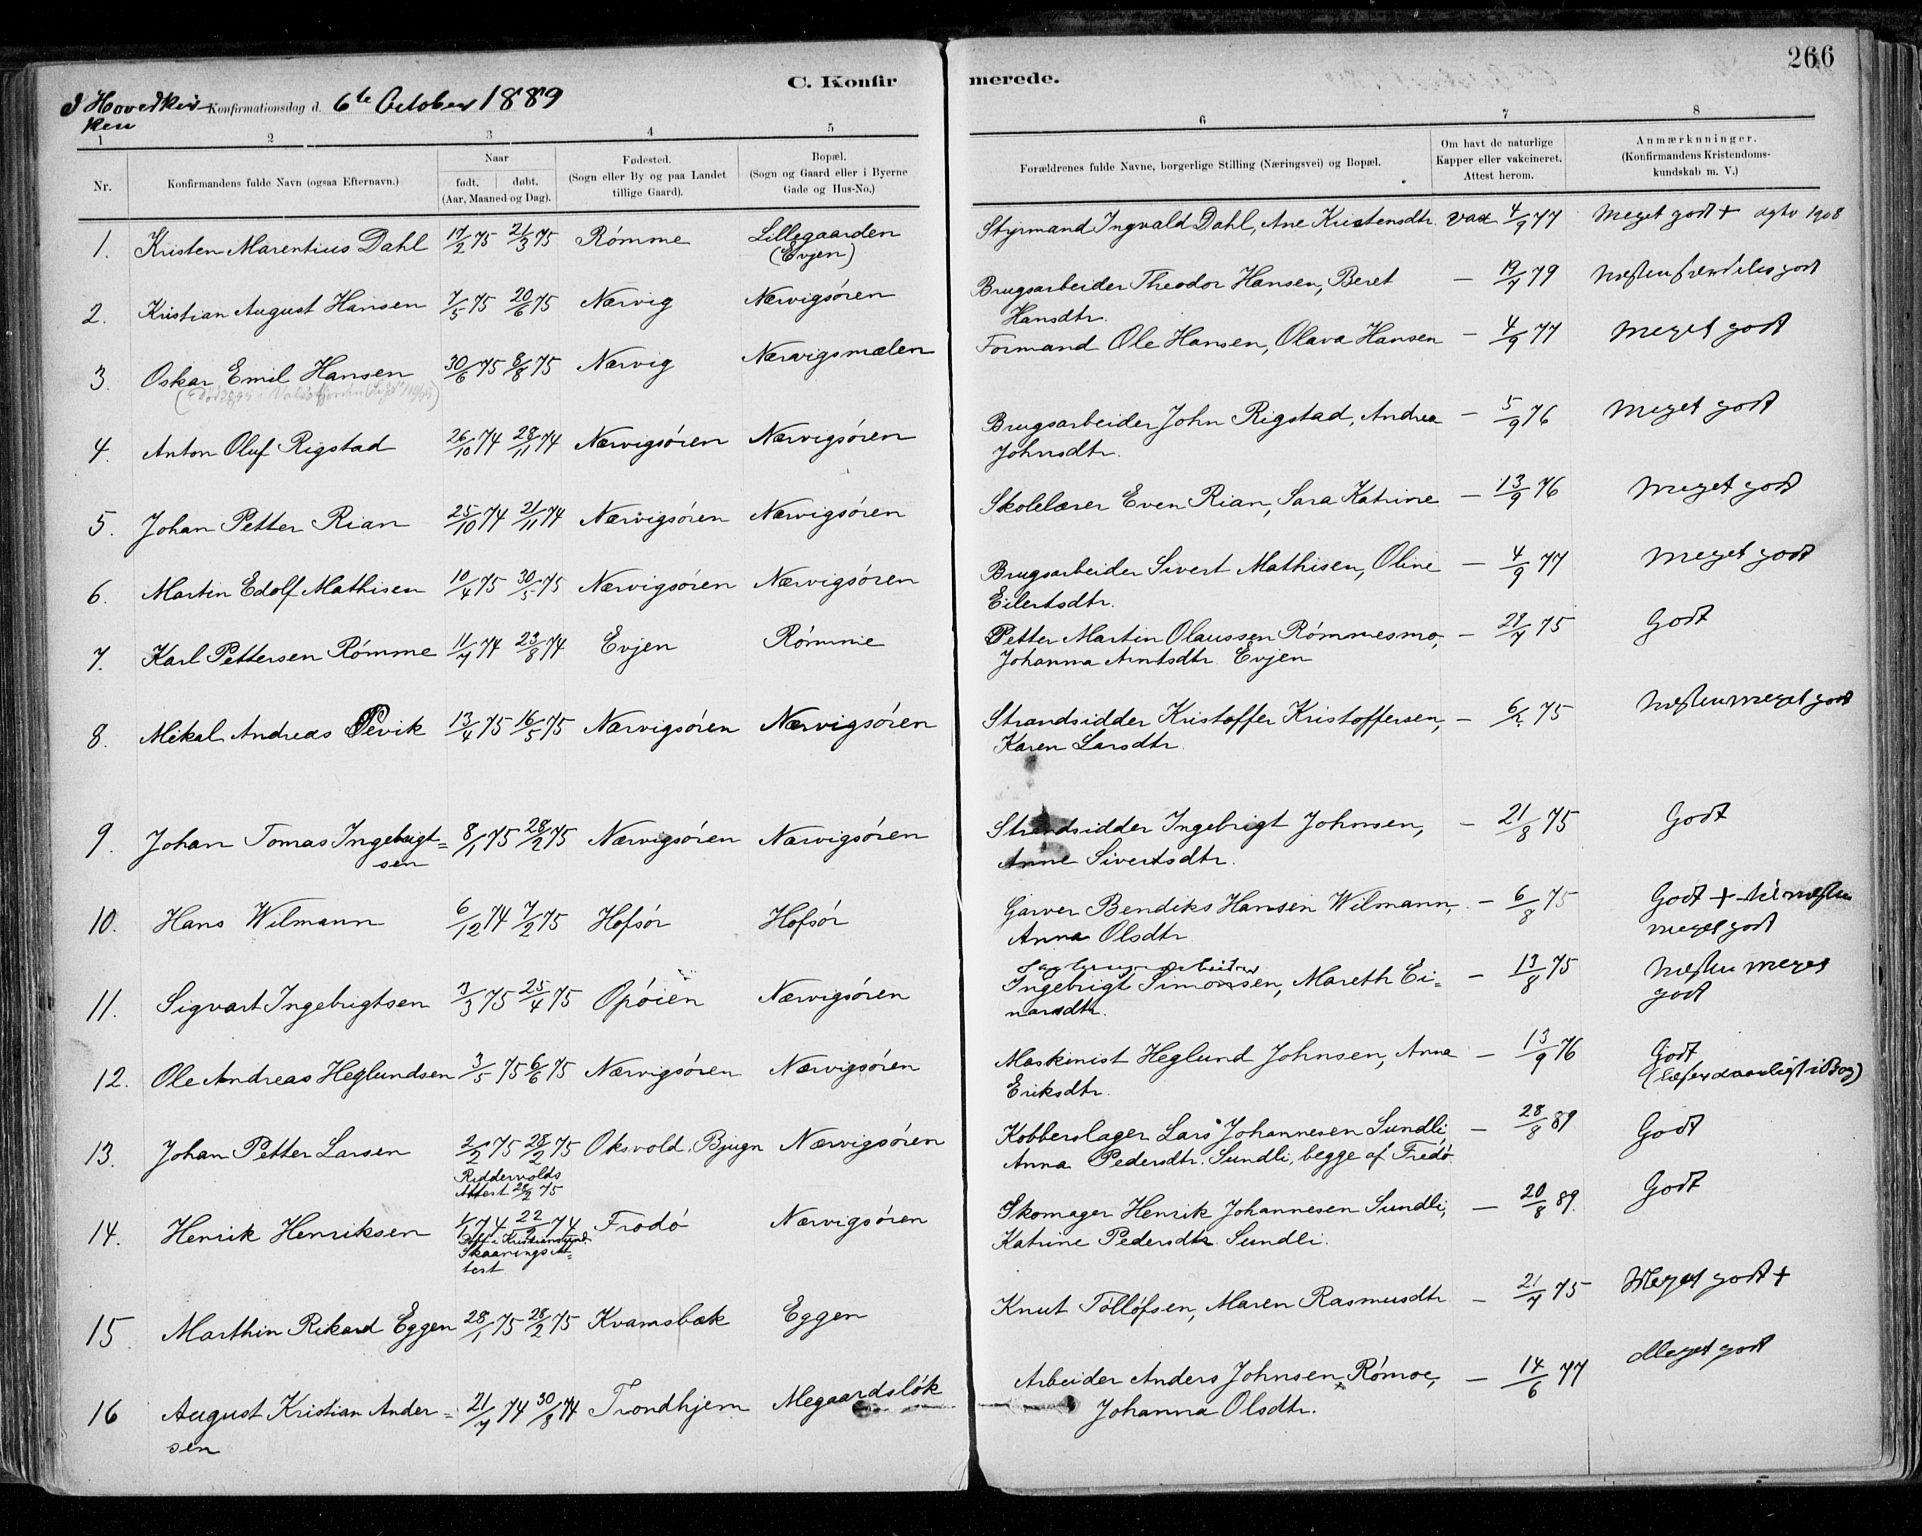 SAT, Ministerialprotokoller, klokkerbøker og fødselsregistre - Sør-Trøndelag, 668/L0809: Ministerialbok nr. 668A09, 1881-1895, s. 266